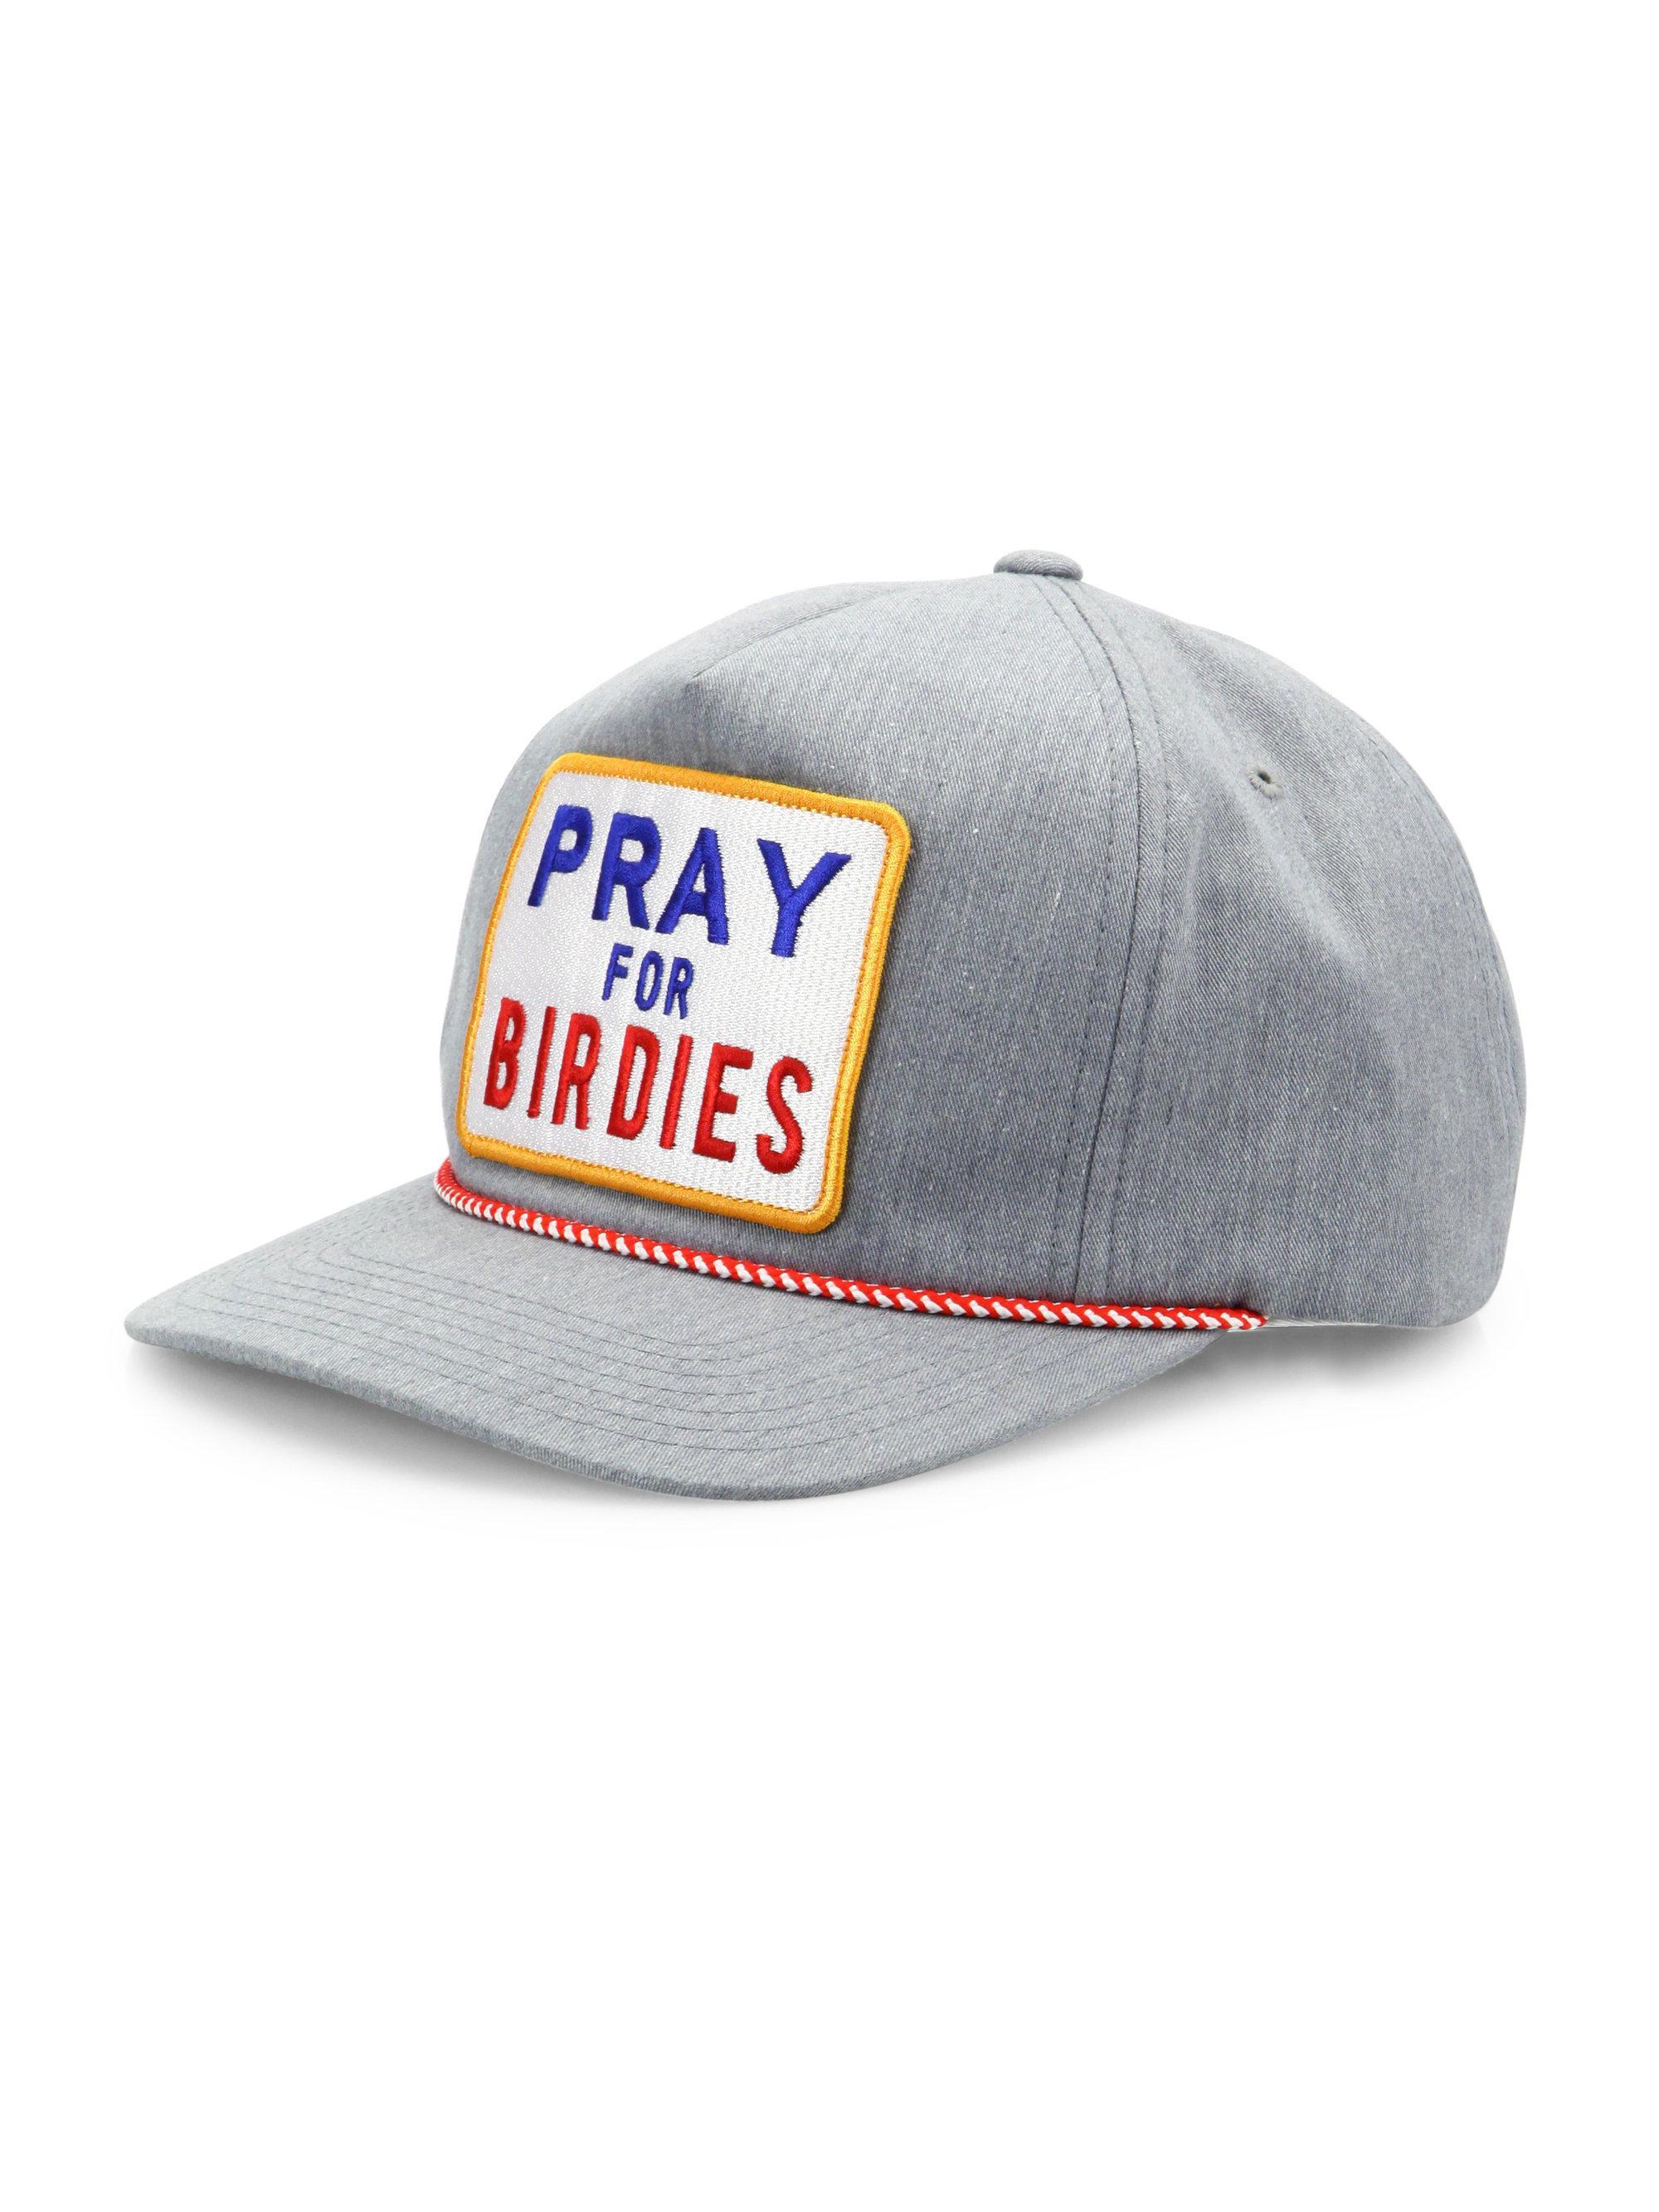 Lyst - G FORE Pray For Birdies Cap in Gray for Men e34e20dca16